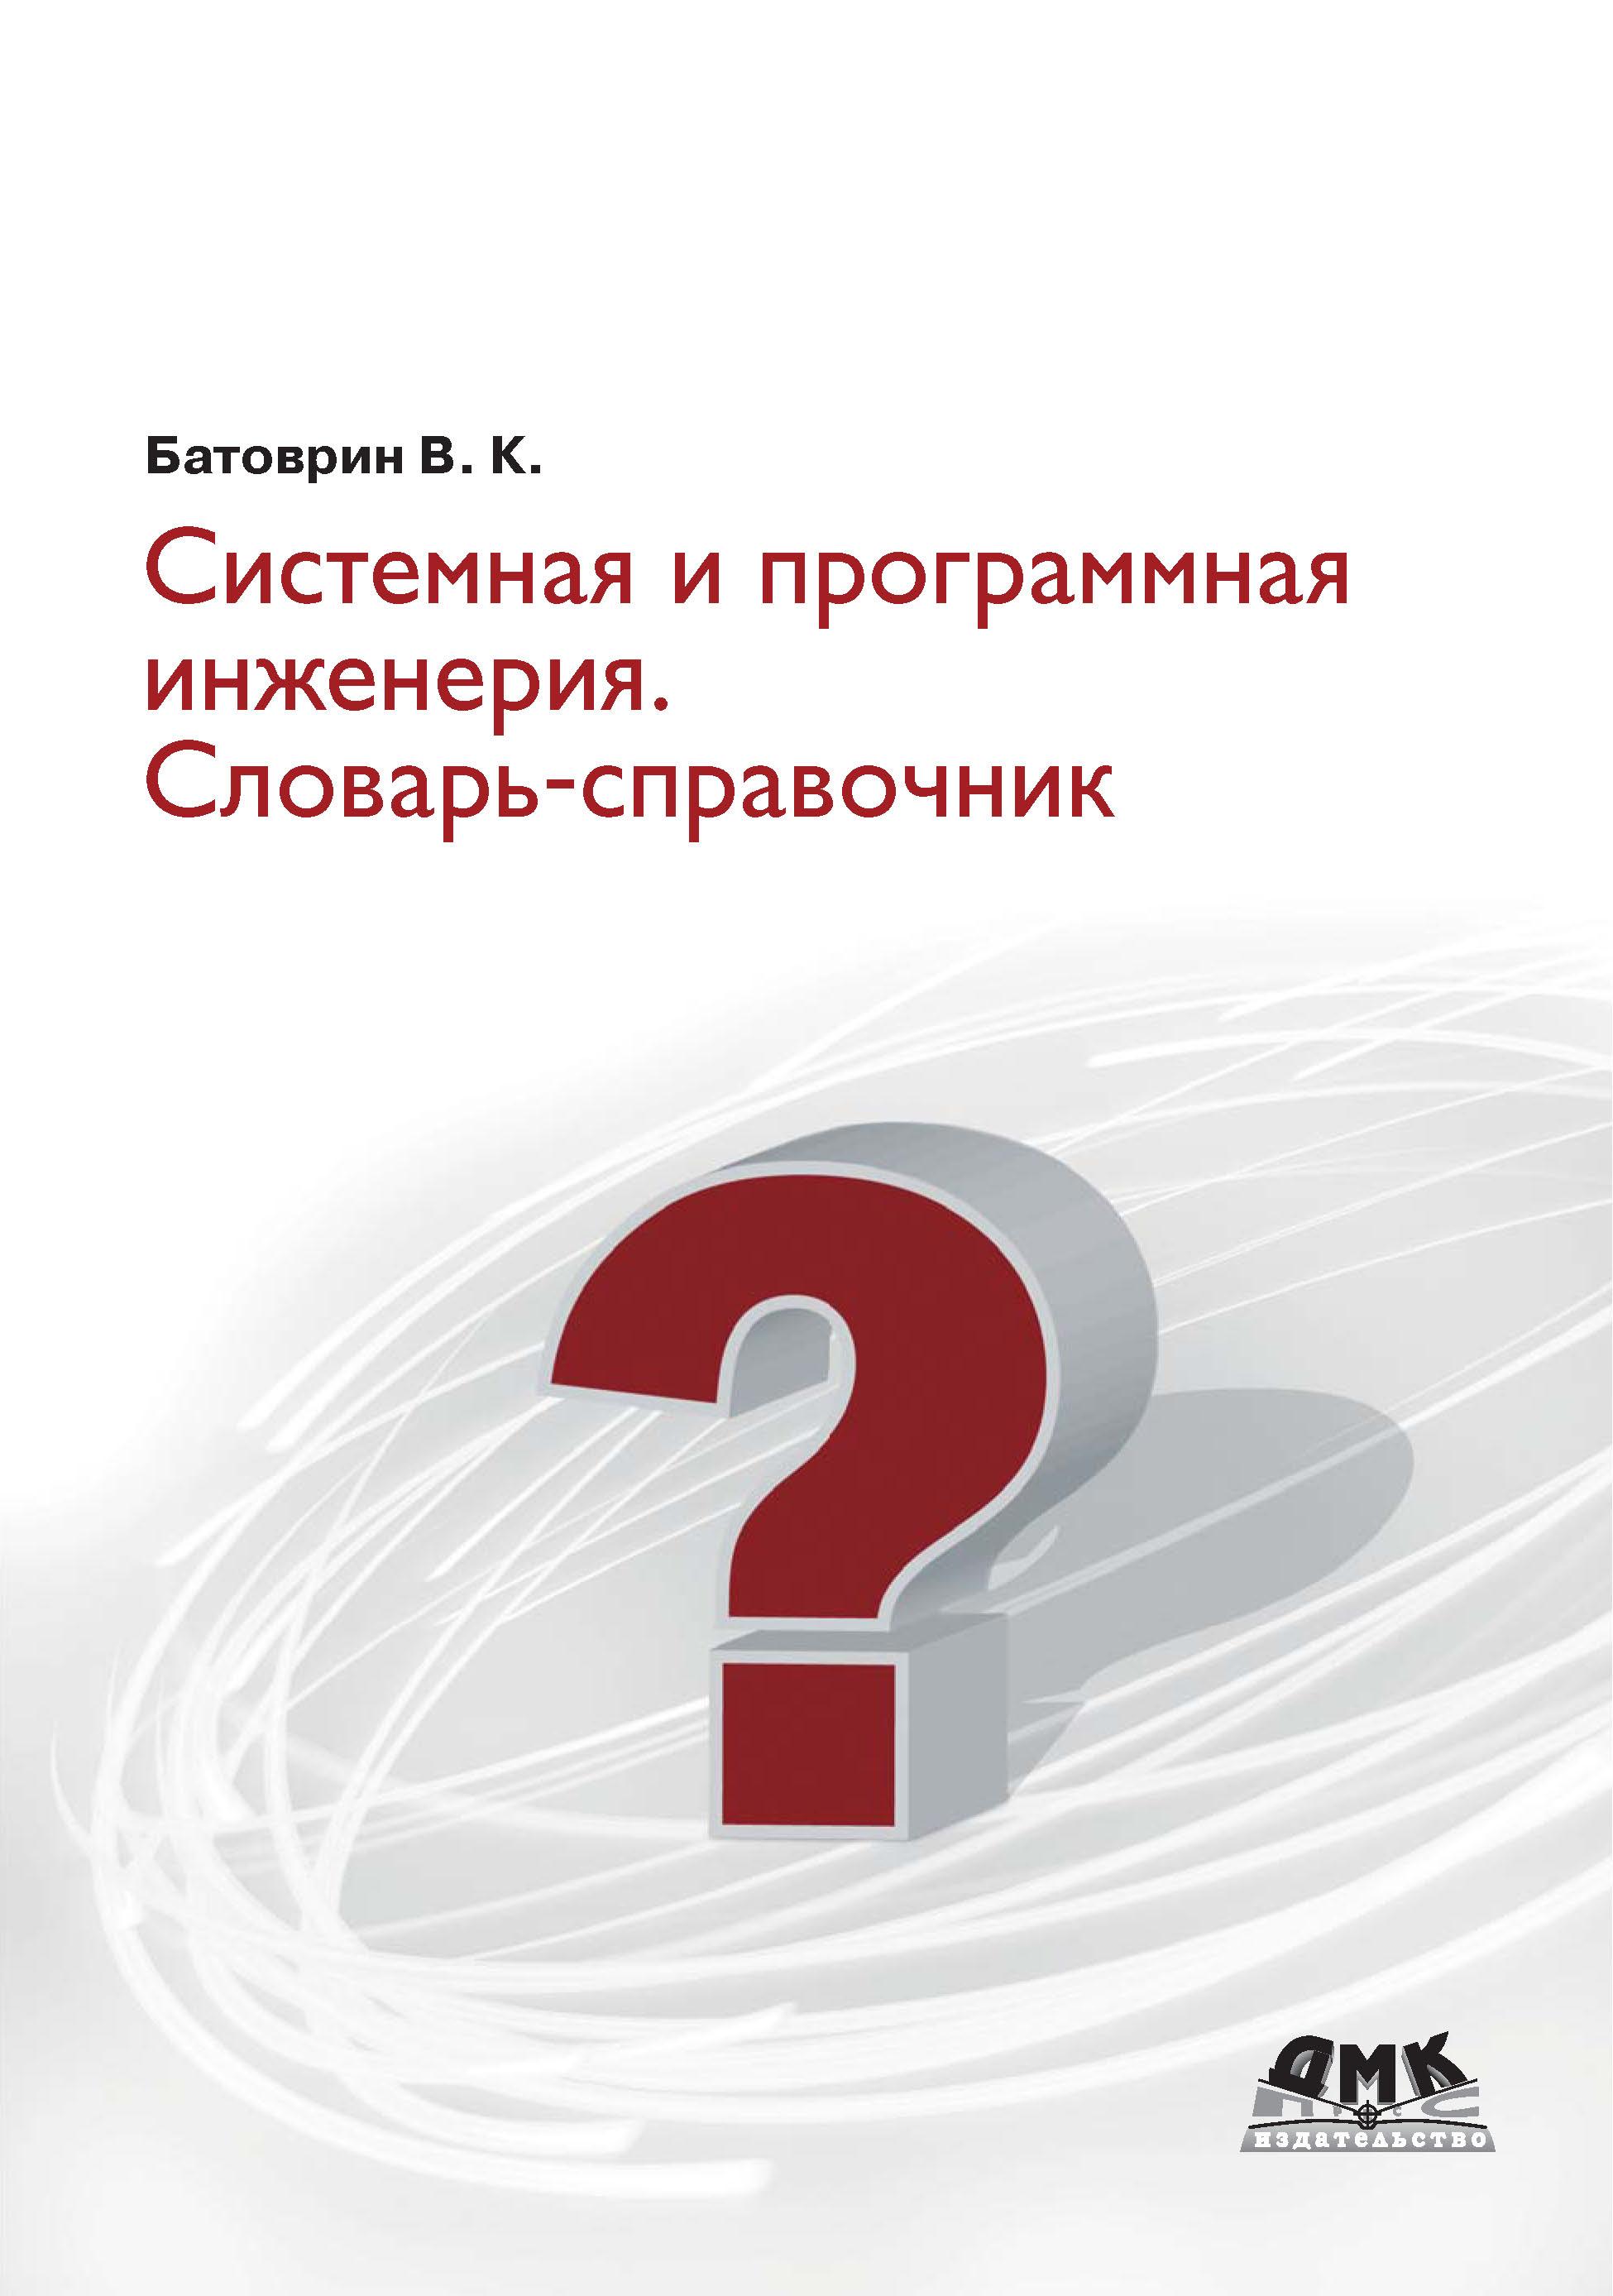 В. К. Батоврин Системная и программная инженерия. Словарь-справочник